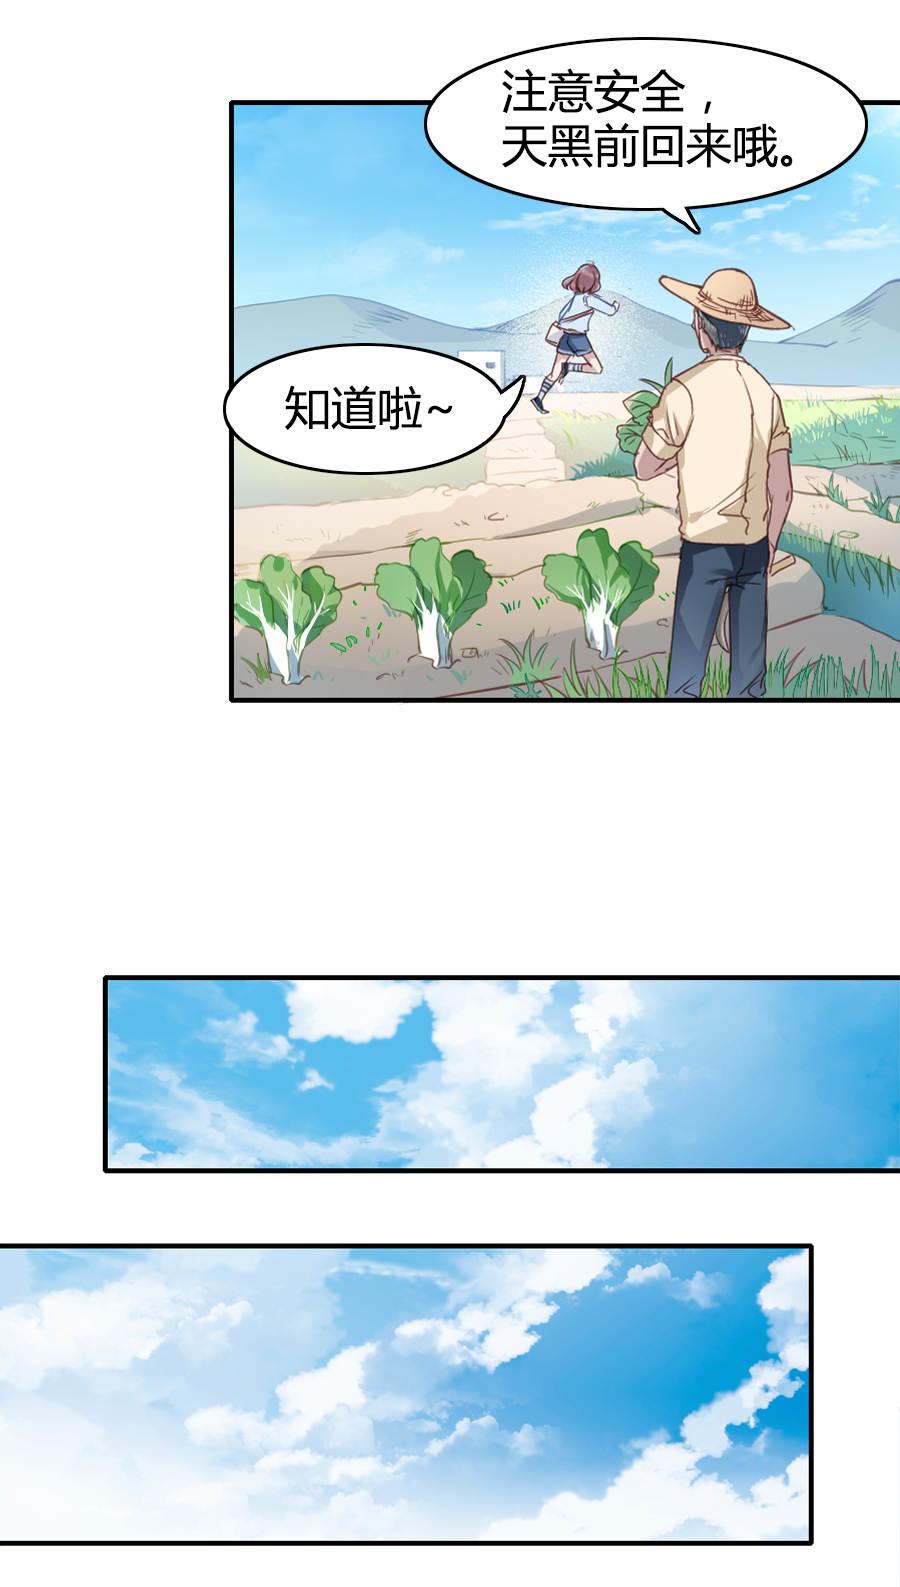 少年游第10话  麋鹿呀麋鹿 柚子柚子!! 第 16